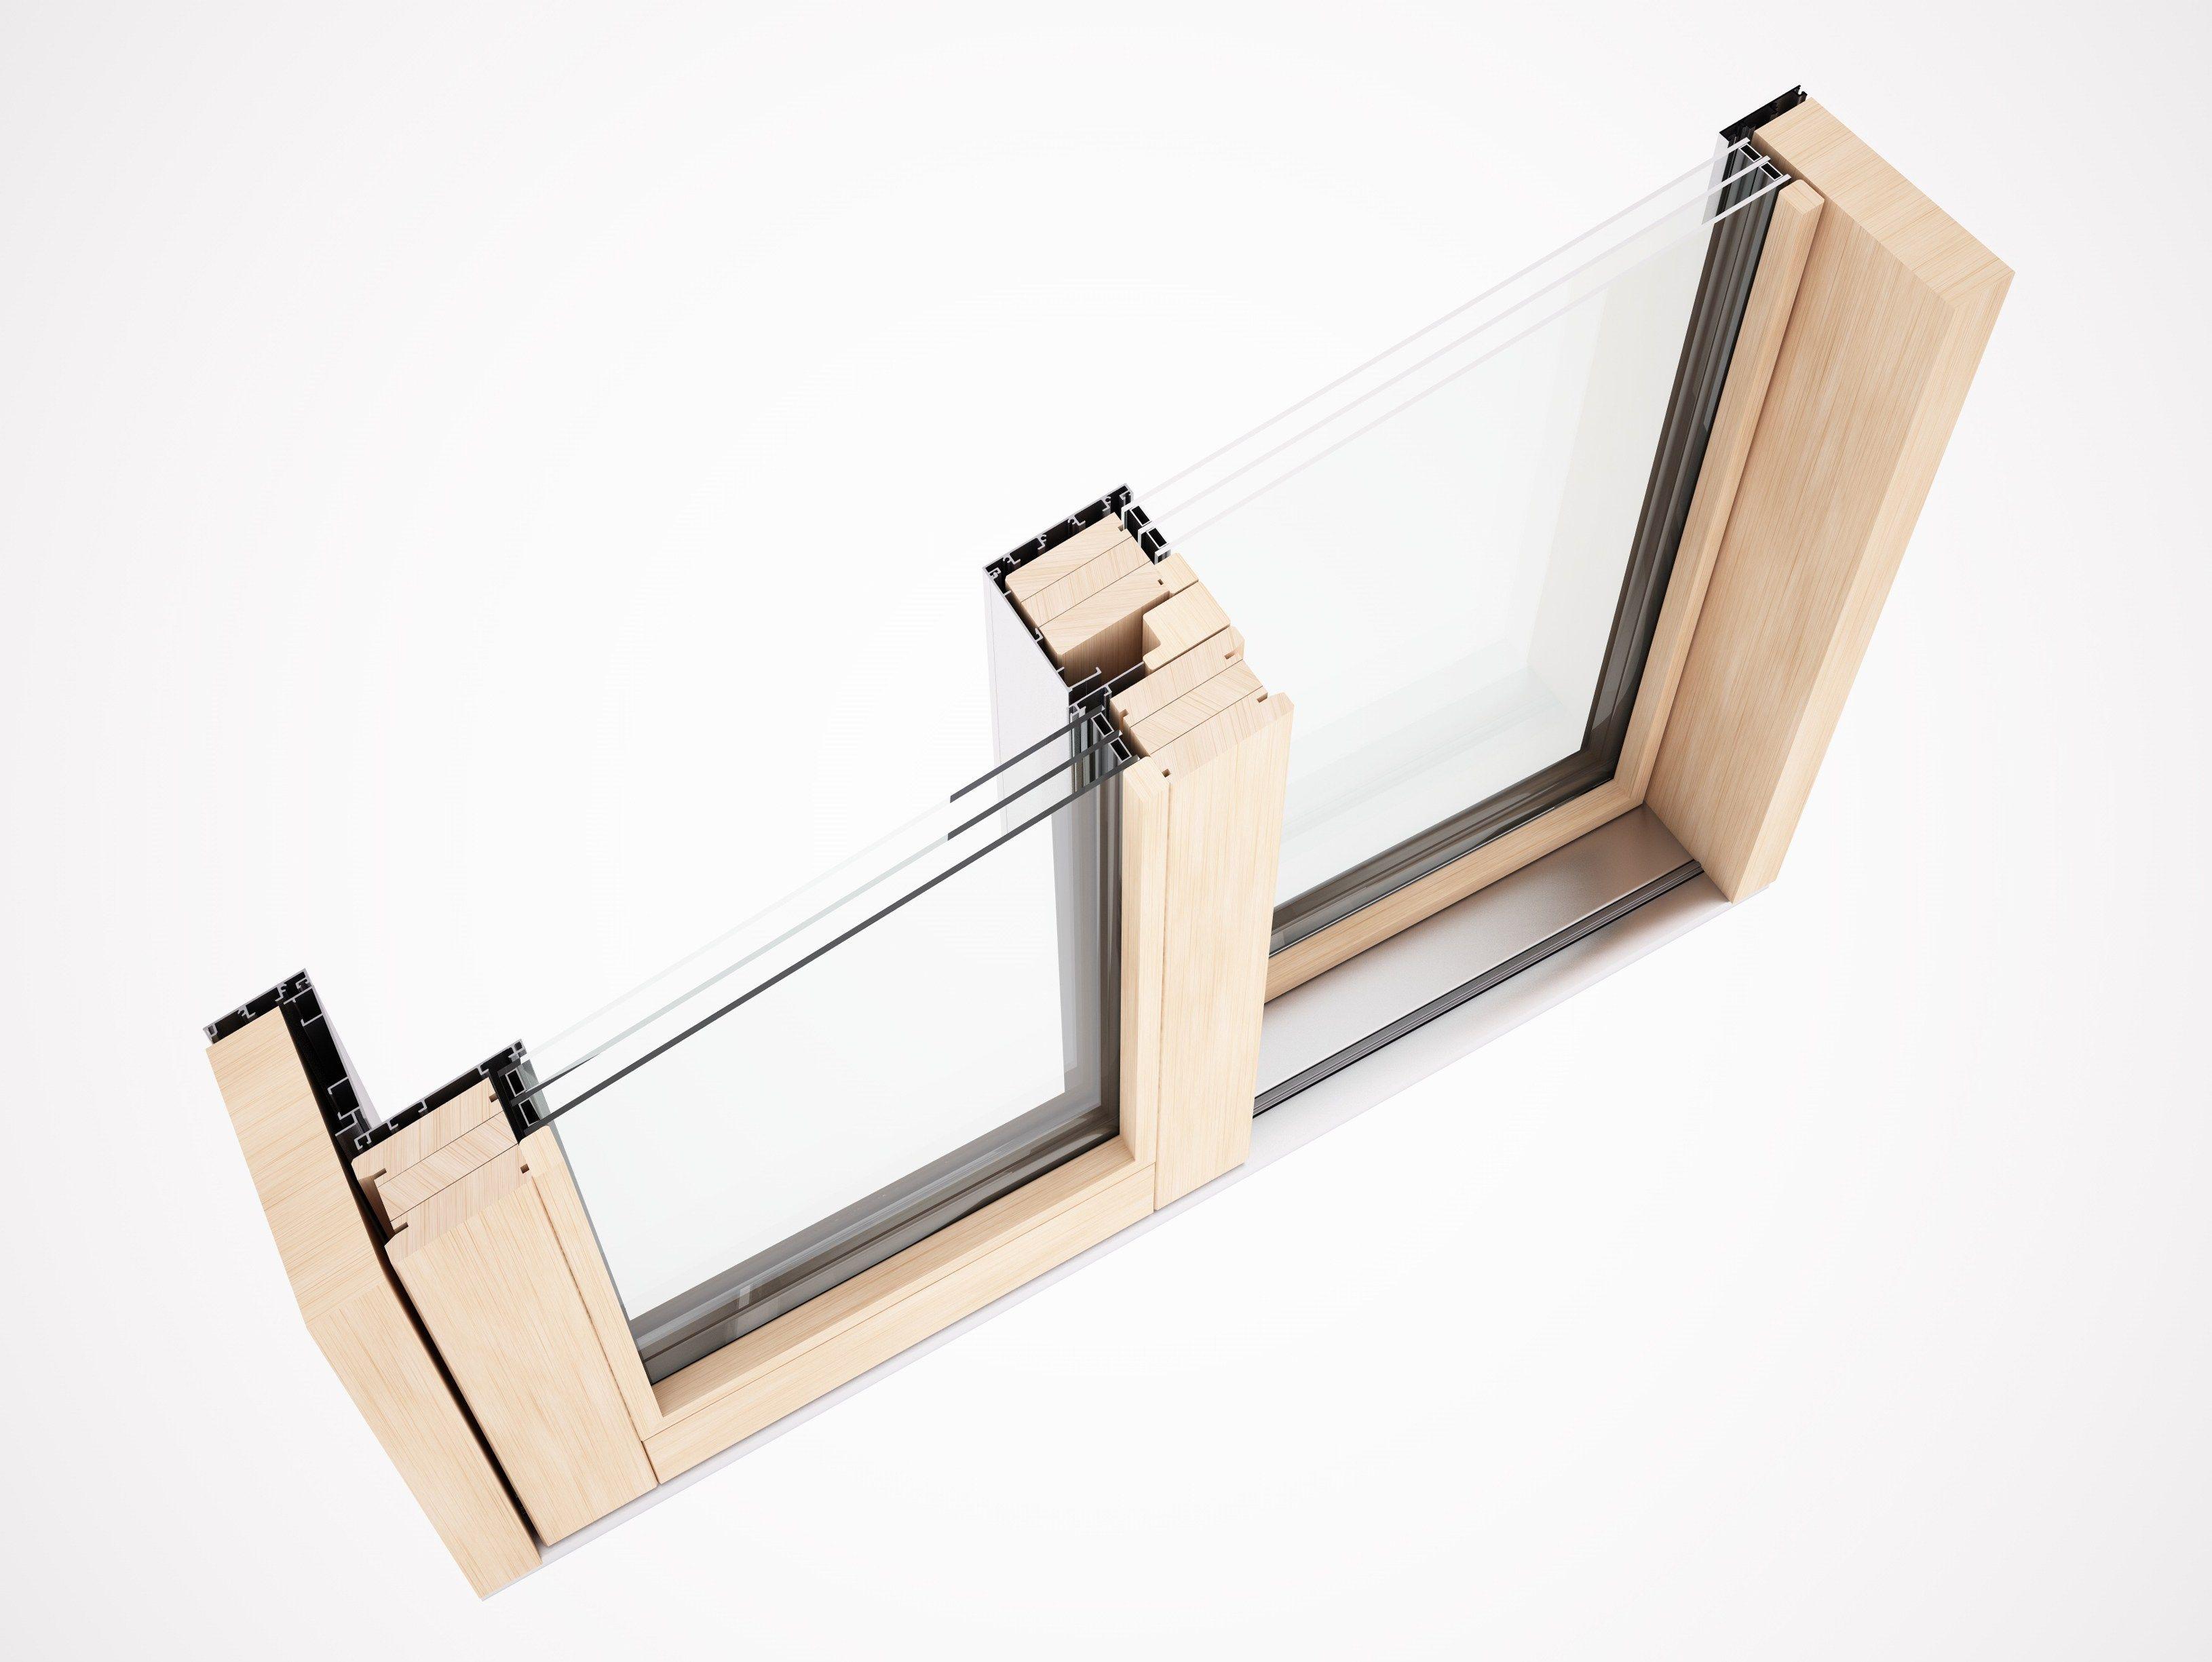 Porta finestra alzante scorrevole in alluminio e legno eternity maxi zero by pavanello - Porta finestra in legno ...